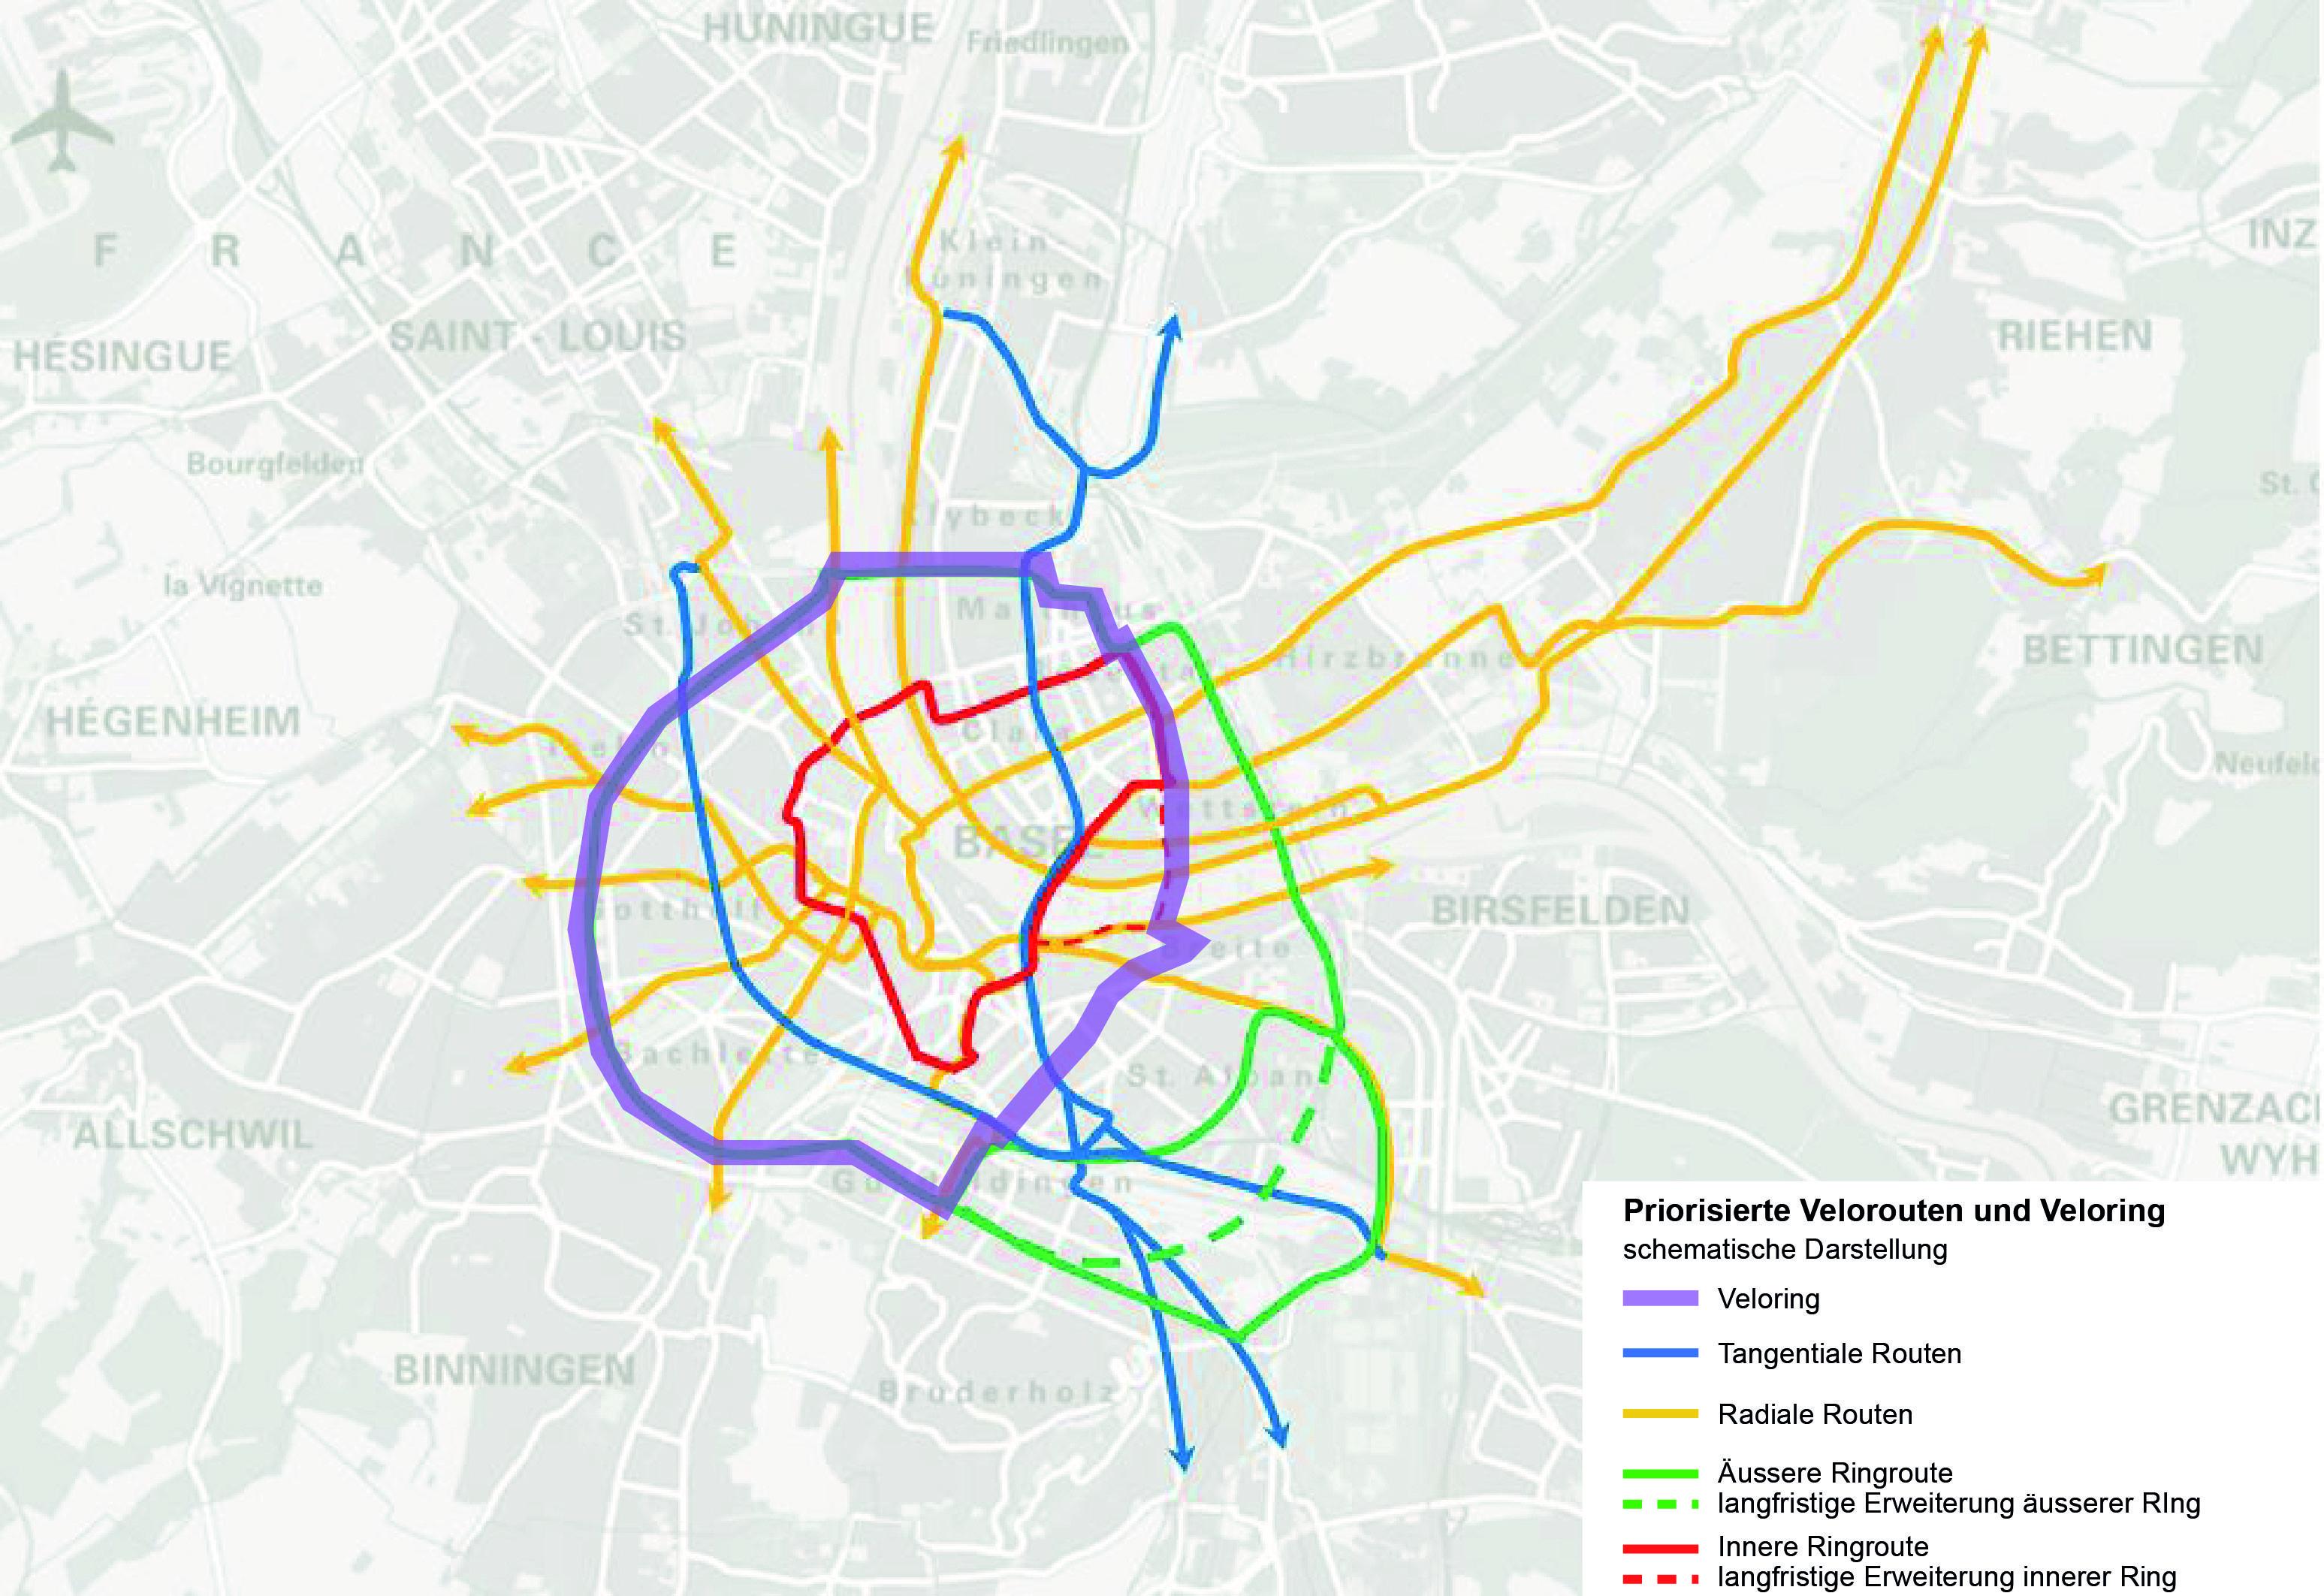 Schematische Darstellung des Velorings und der Velorouten in Basel.